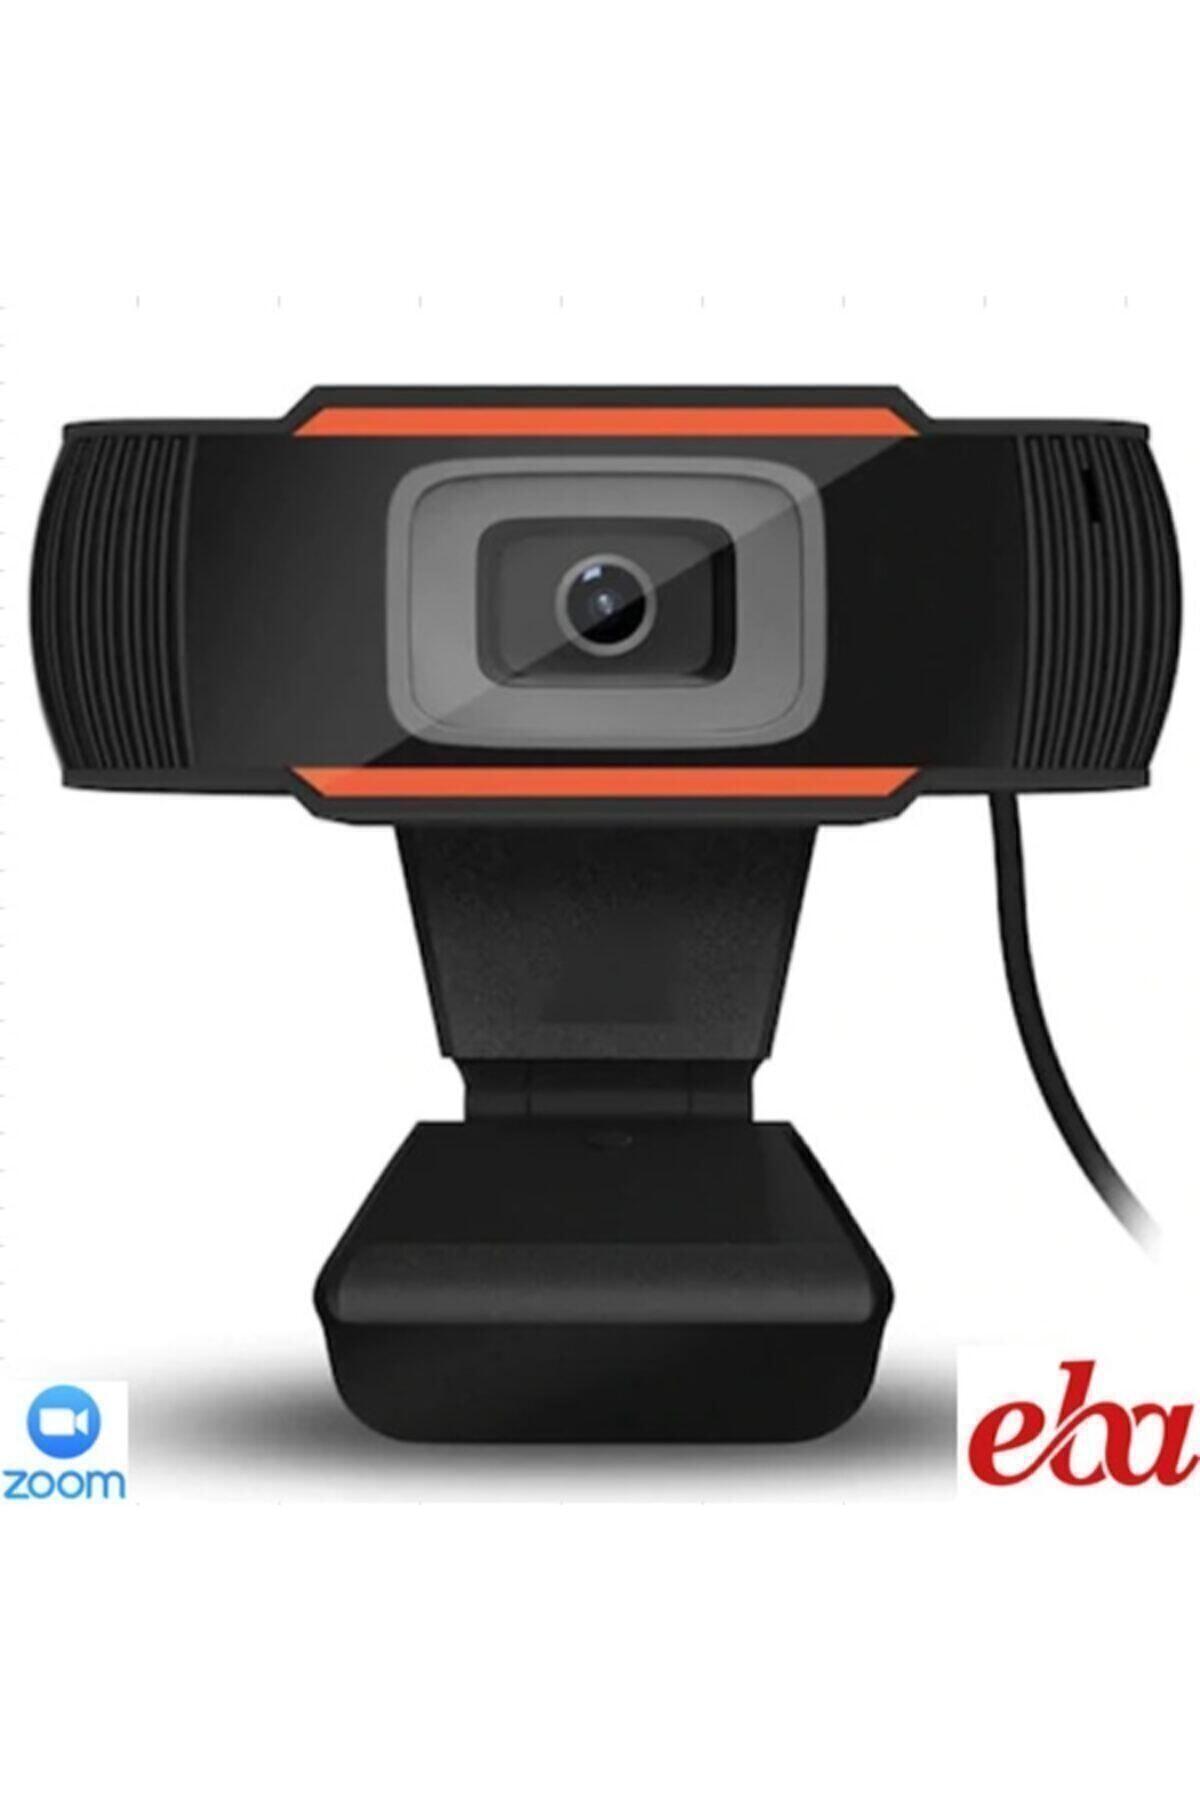 Pars Webcam Eba Zoom Skype Pc Kamera Mikrofonlu 720p Usb Tak Çalıştır 1